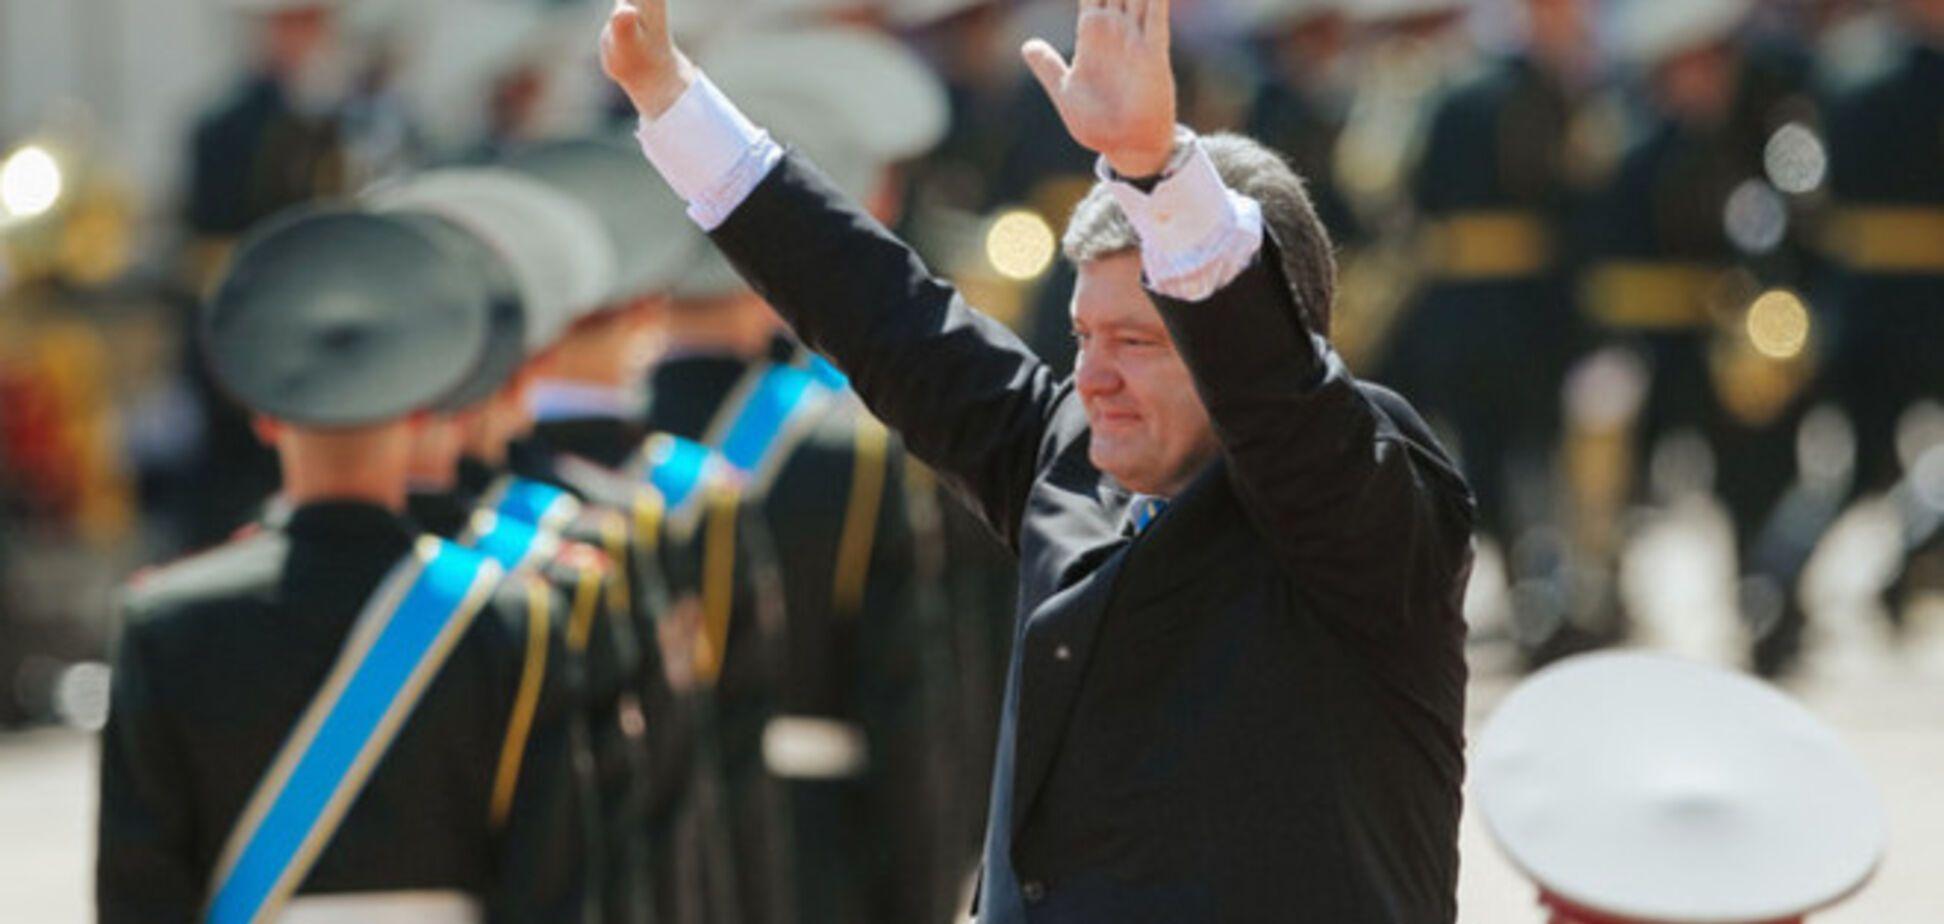 ТОП-7 хороших знаков на инаугурации Порошенко